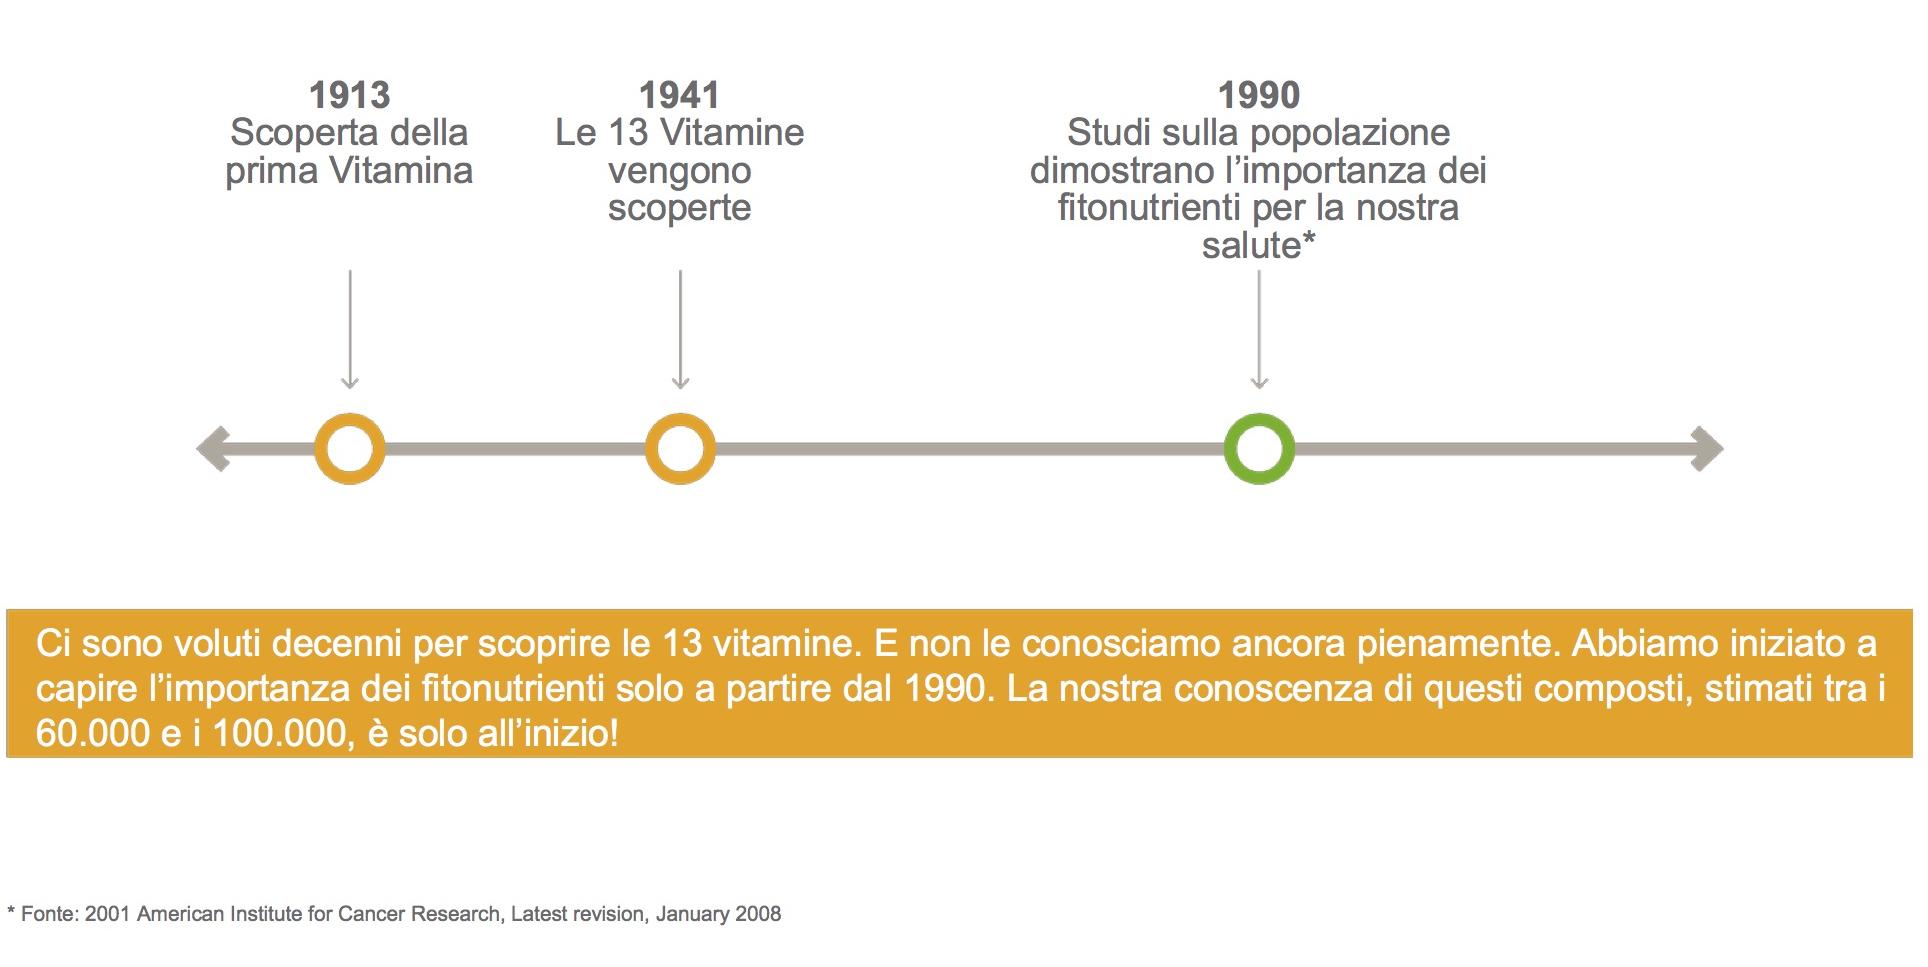 fitonutrienti a confronto con vitamine: da 60 a 100.000 contro 13